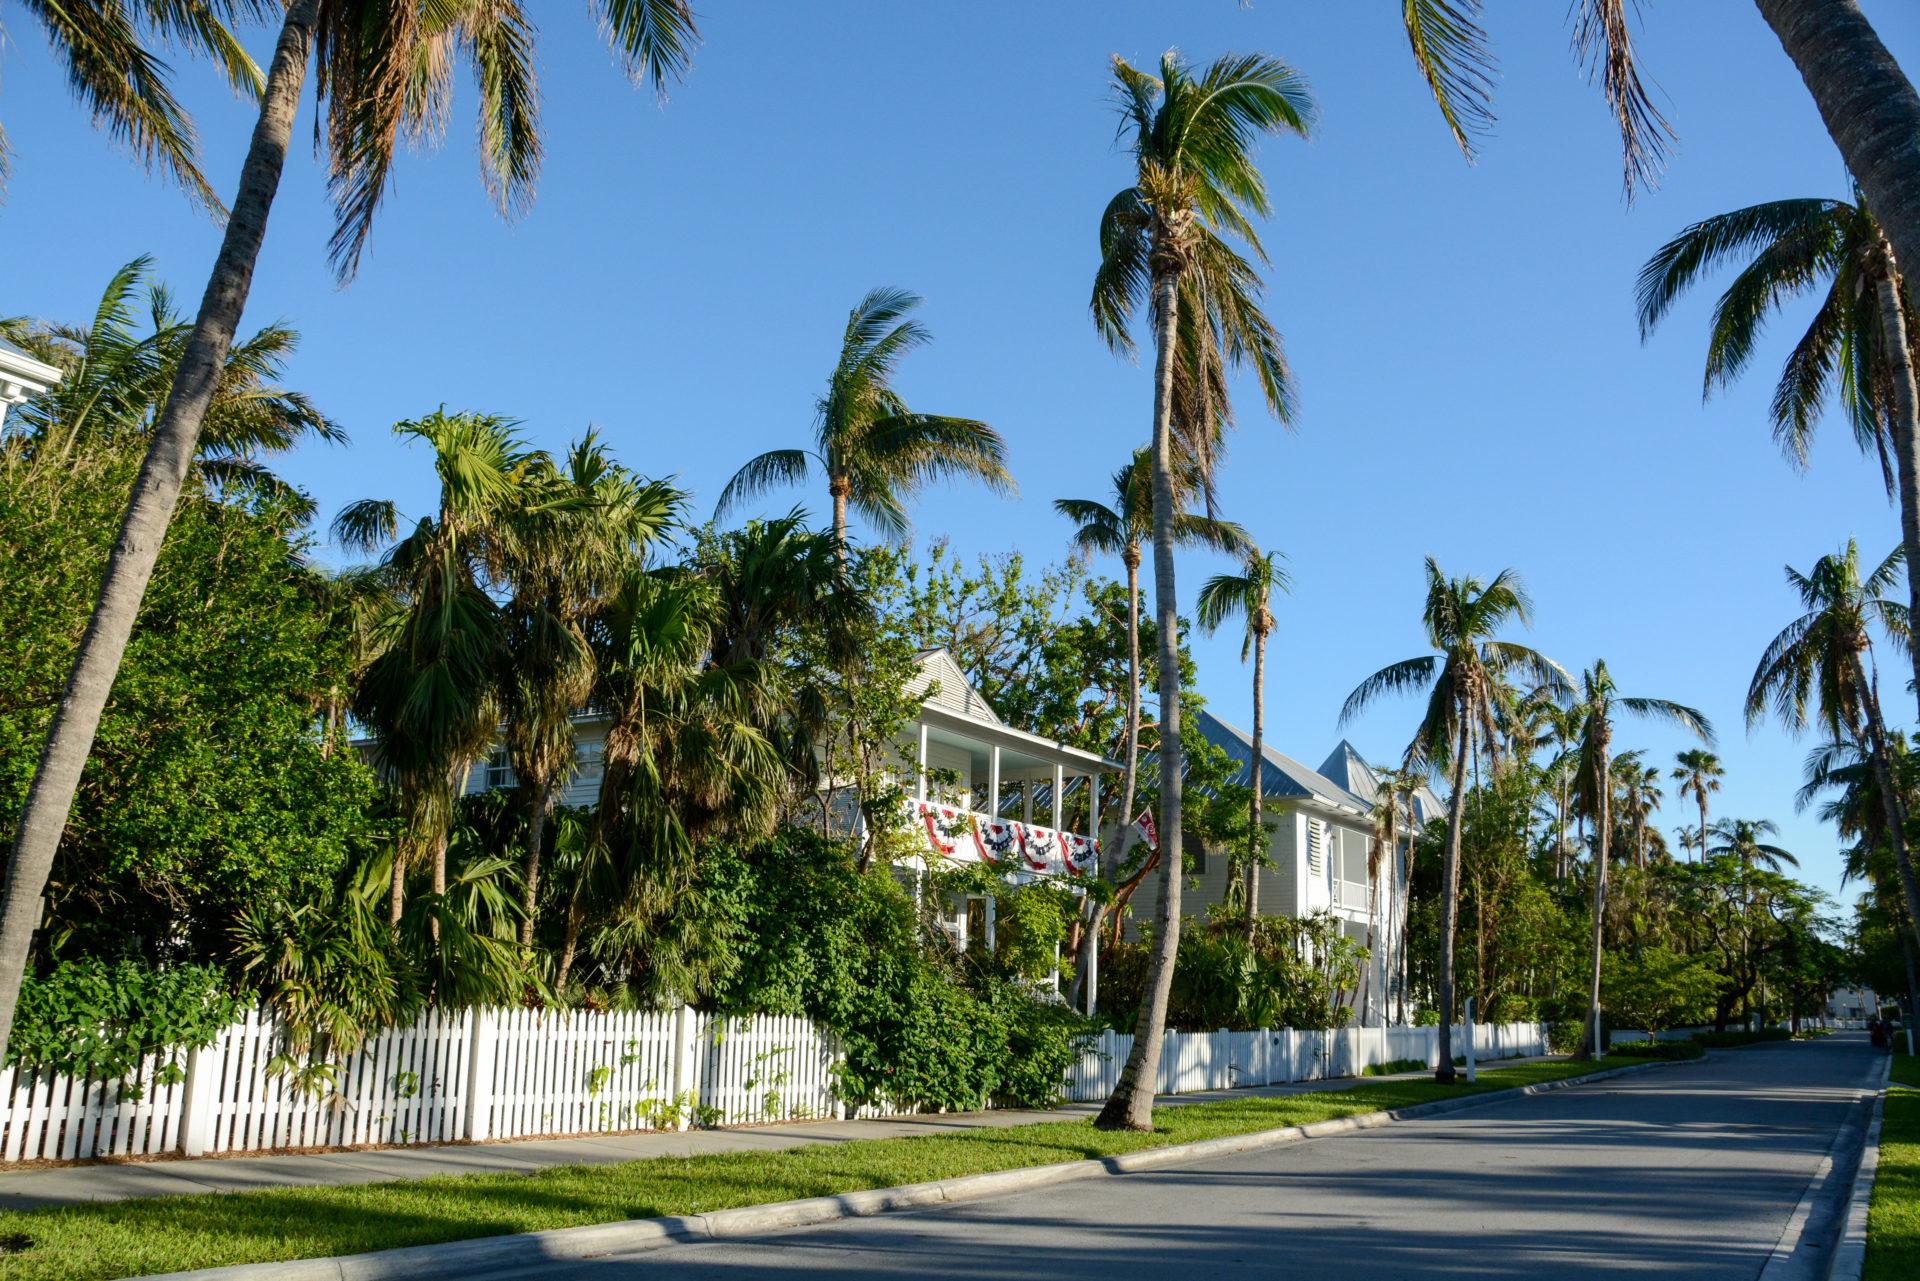 Ein Villenviertel auf Key West gehört zum Parcours der Fahrradtour durch Key West